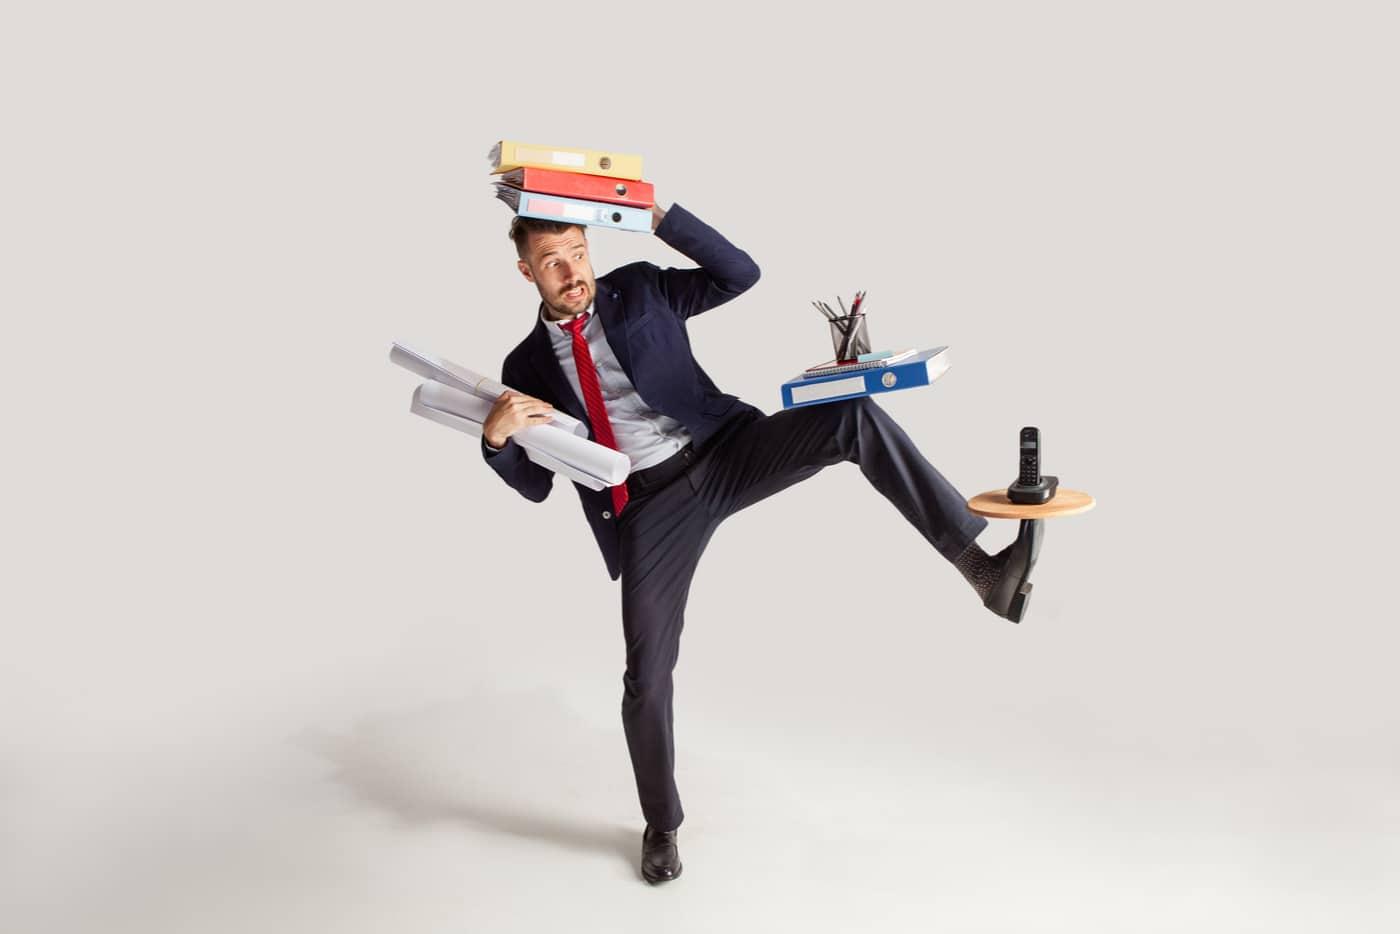 Kirjanpito-ohjelma toiminimi. Yrittäjä tasapainoilee kirjanpitonsa kanssa.